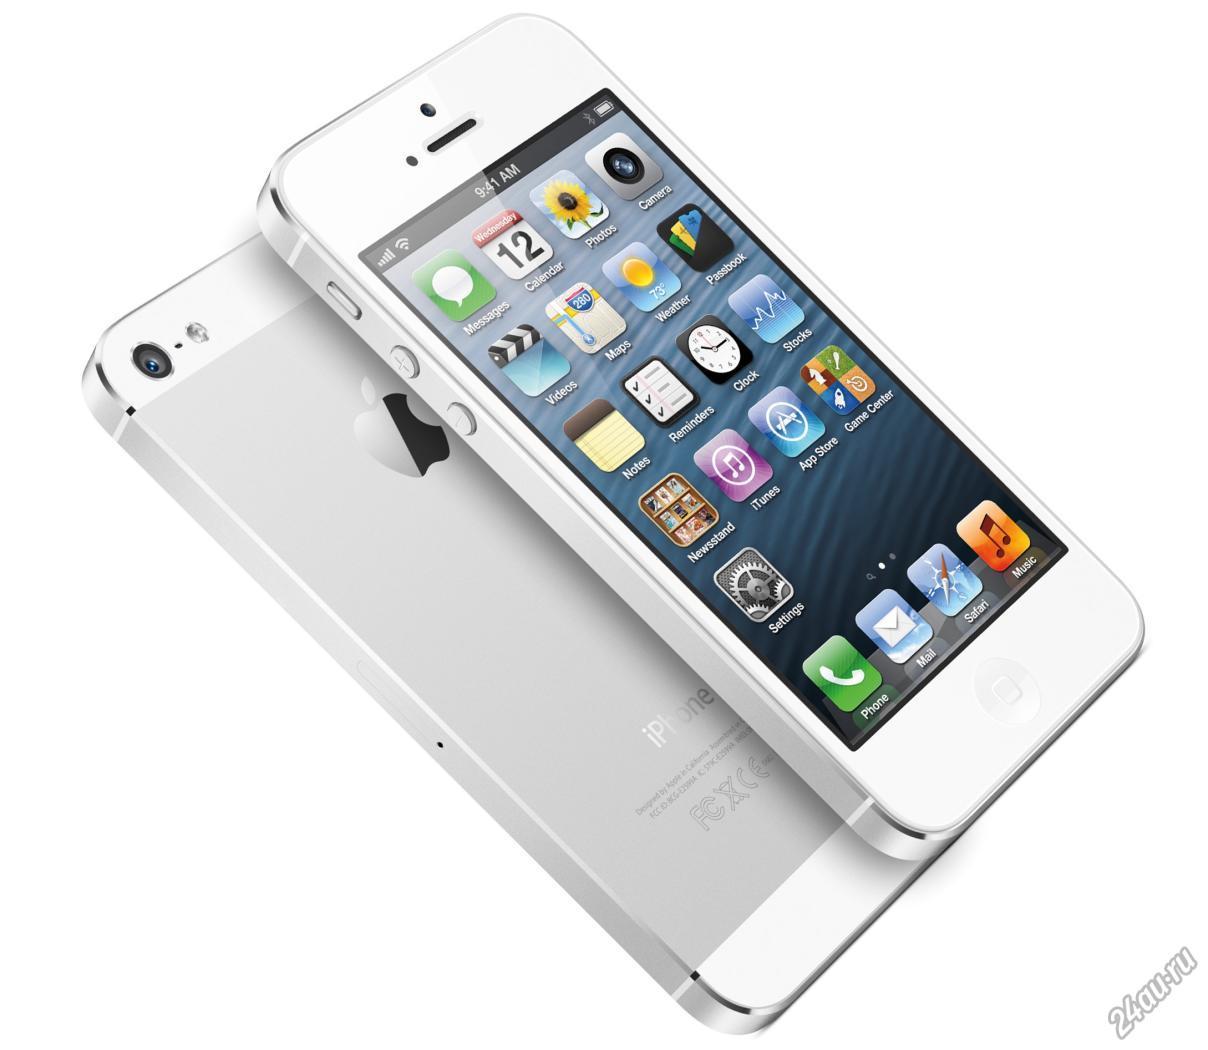 Где купить новый iPhone 5?